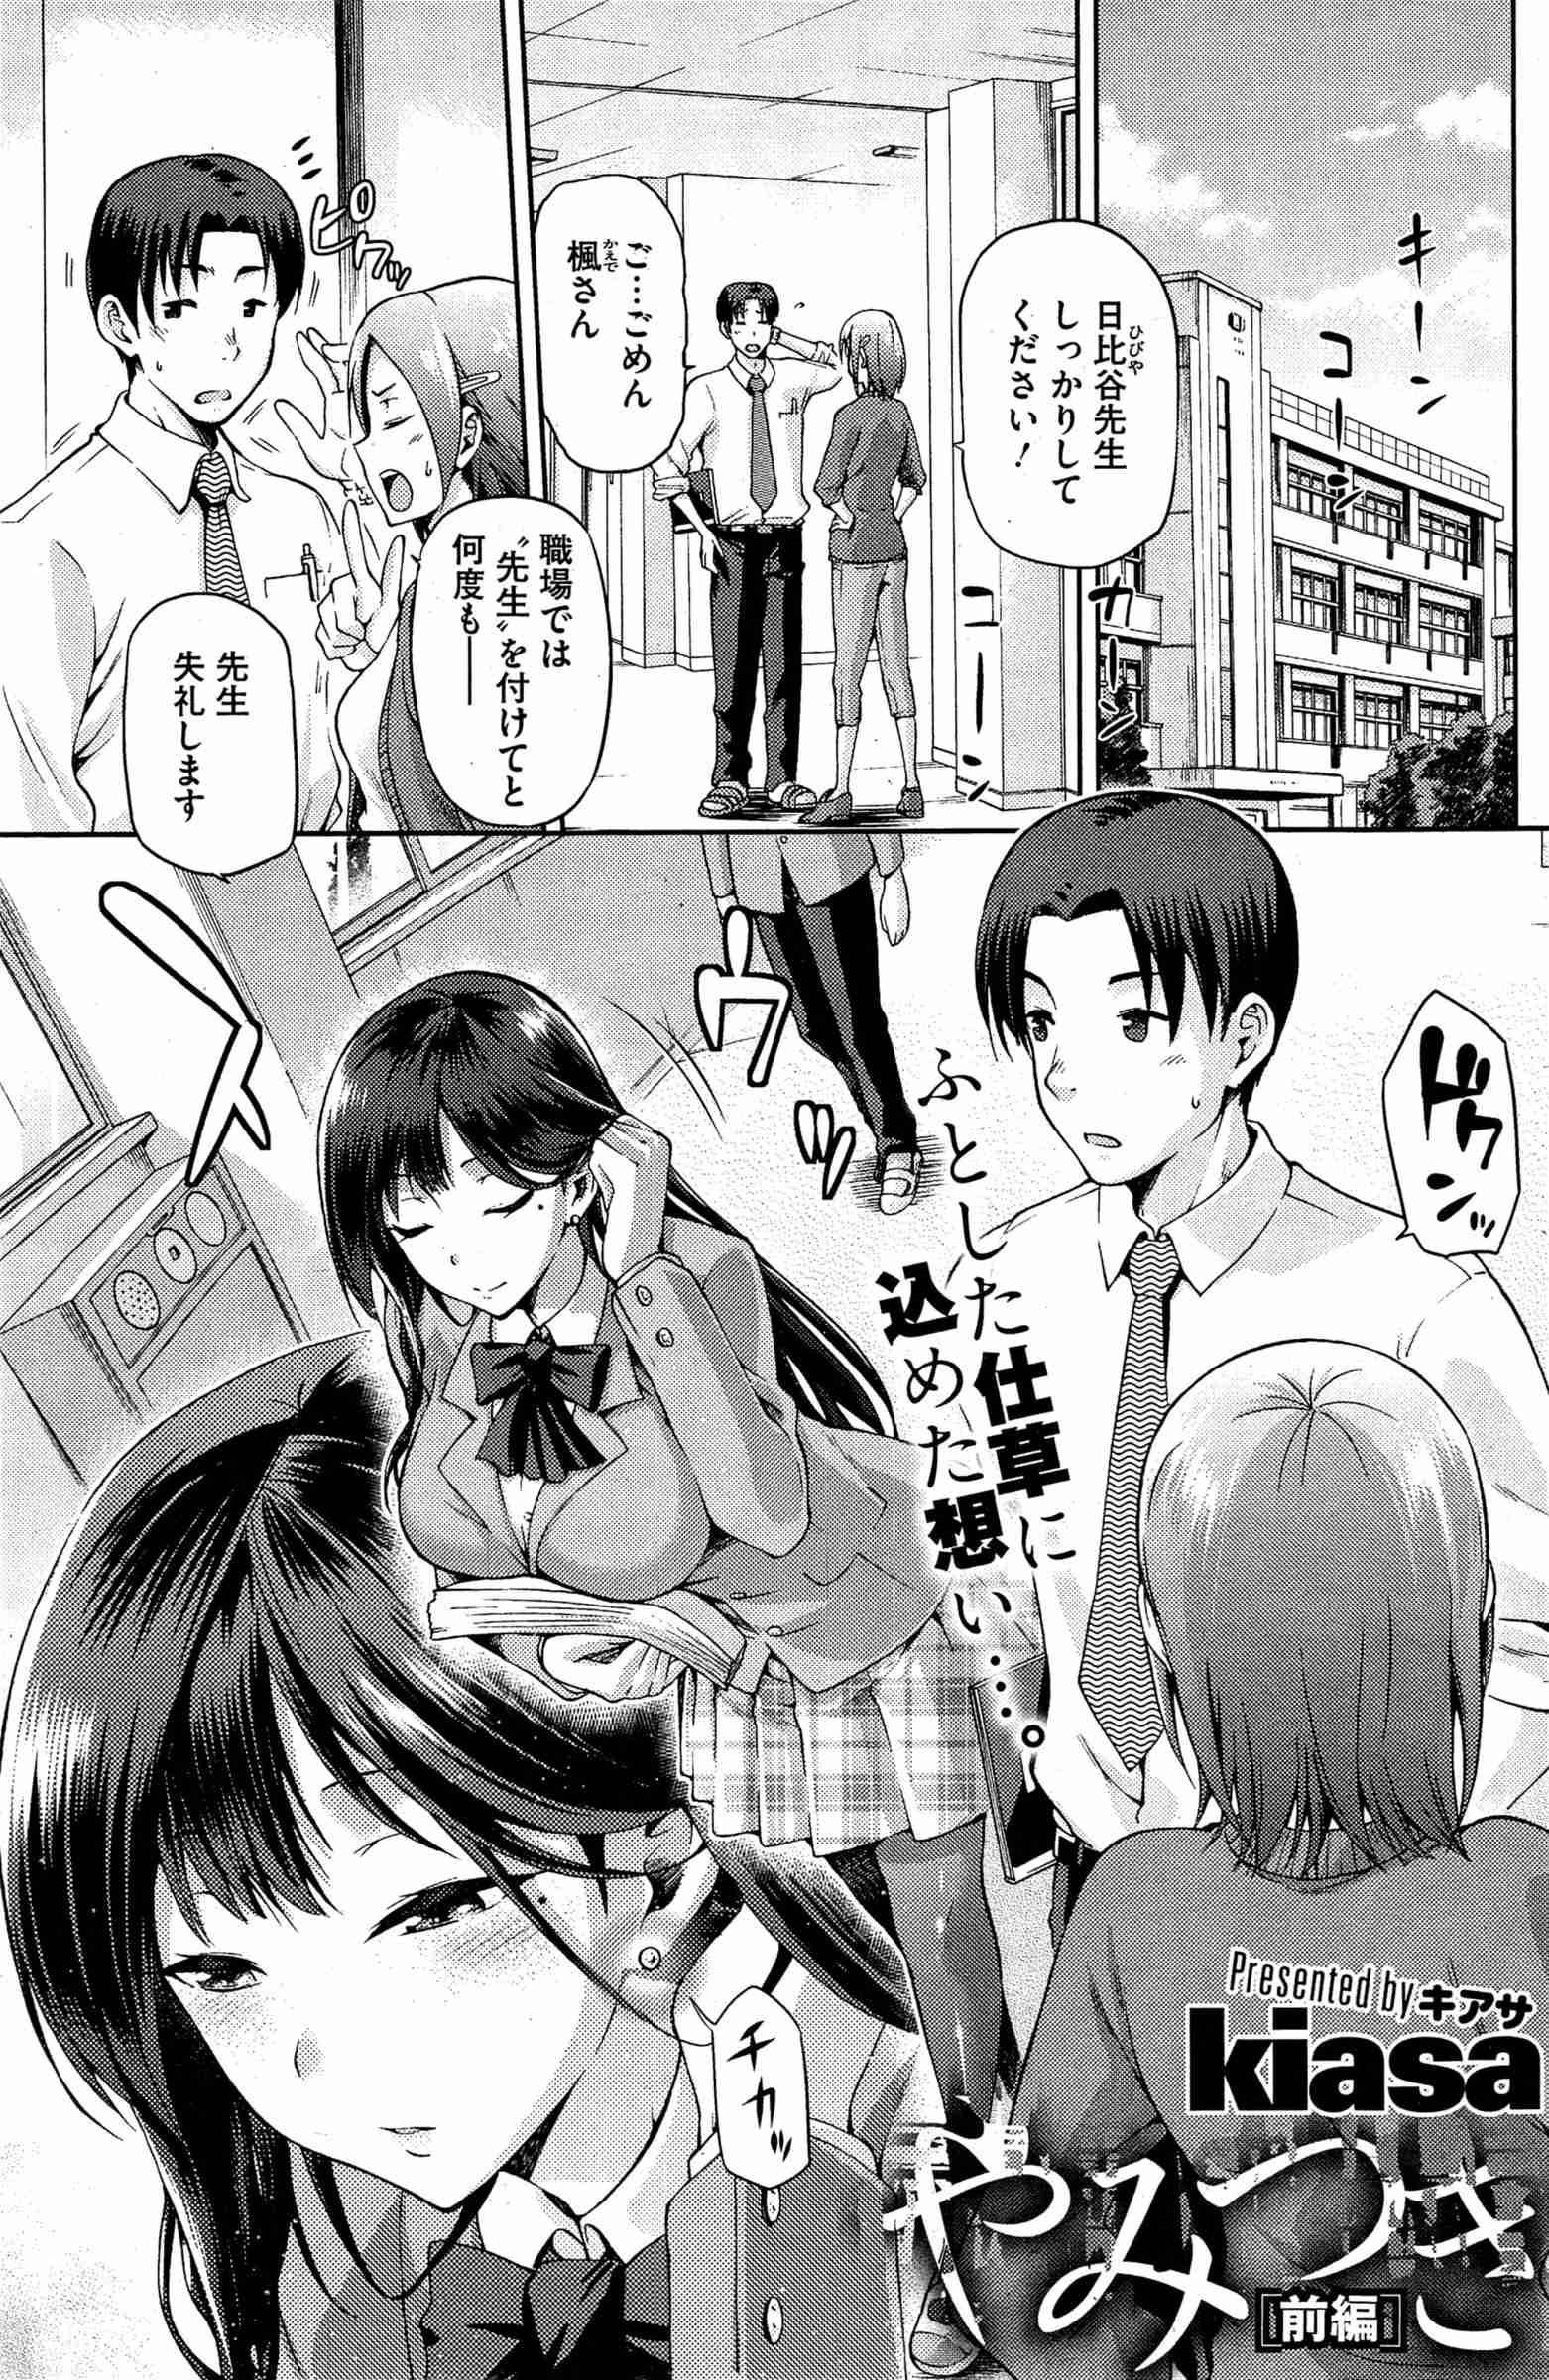 【エロ漫画】新婚の男教師は女子生徒と関係を持ってしまい、遂には彼女でしか満足できなくなっていく!【無料 エロ同人誌】